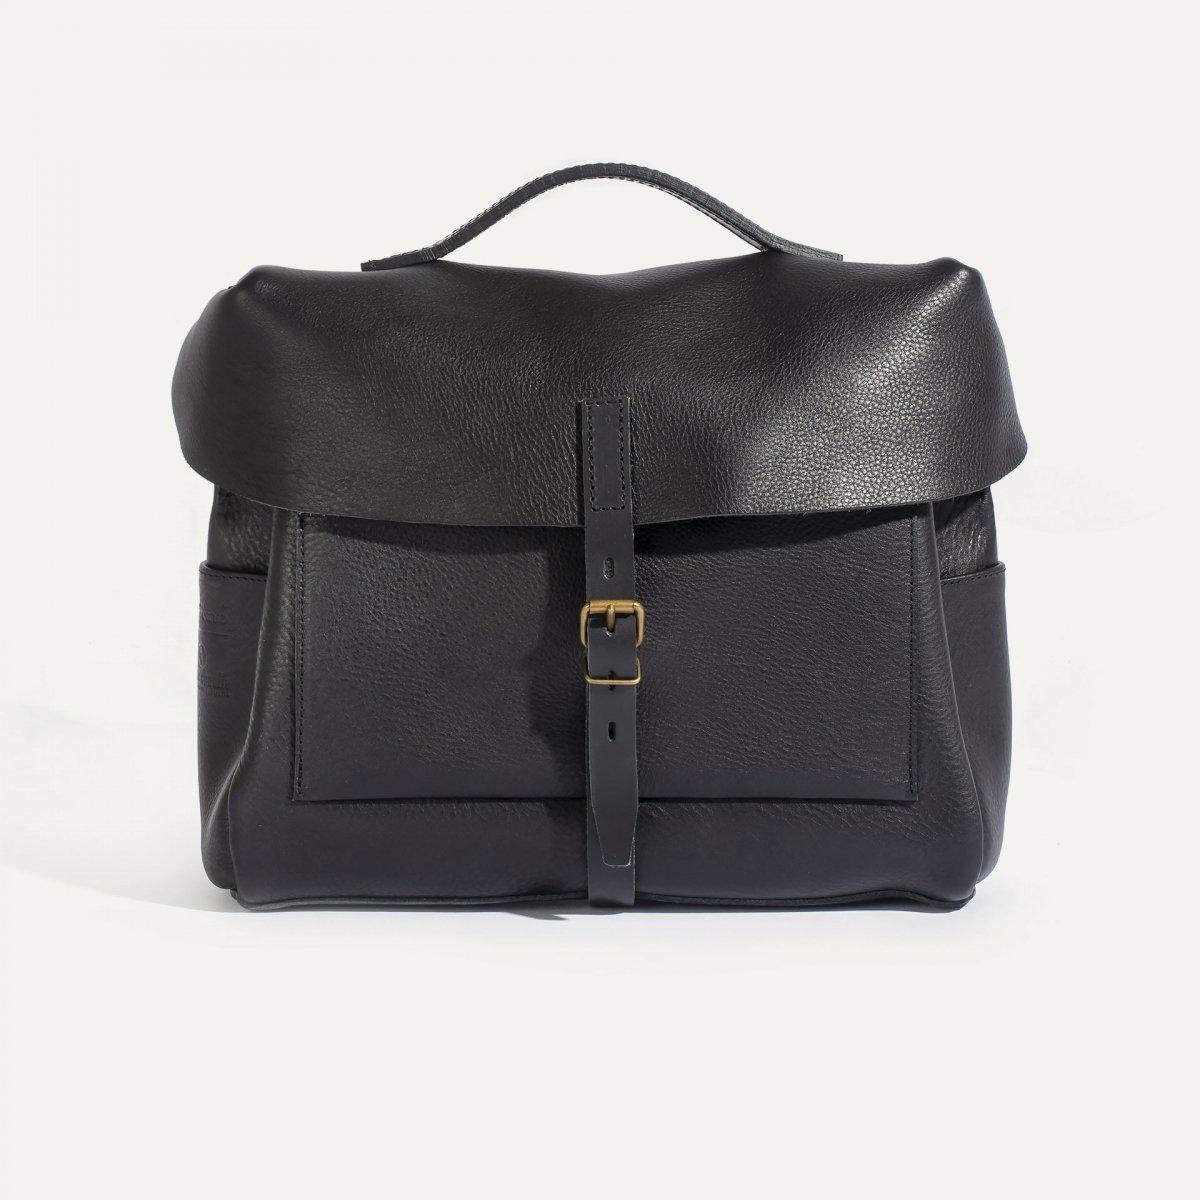 Eclair 'R18' Mailman bag - Black (image n°1)